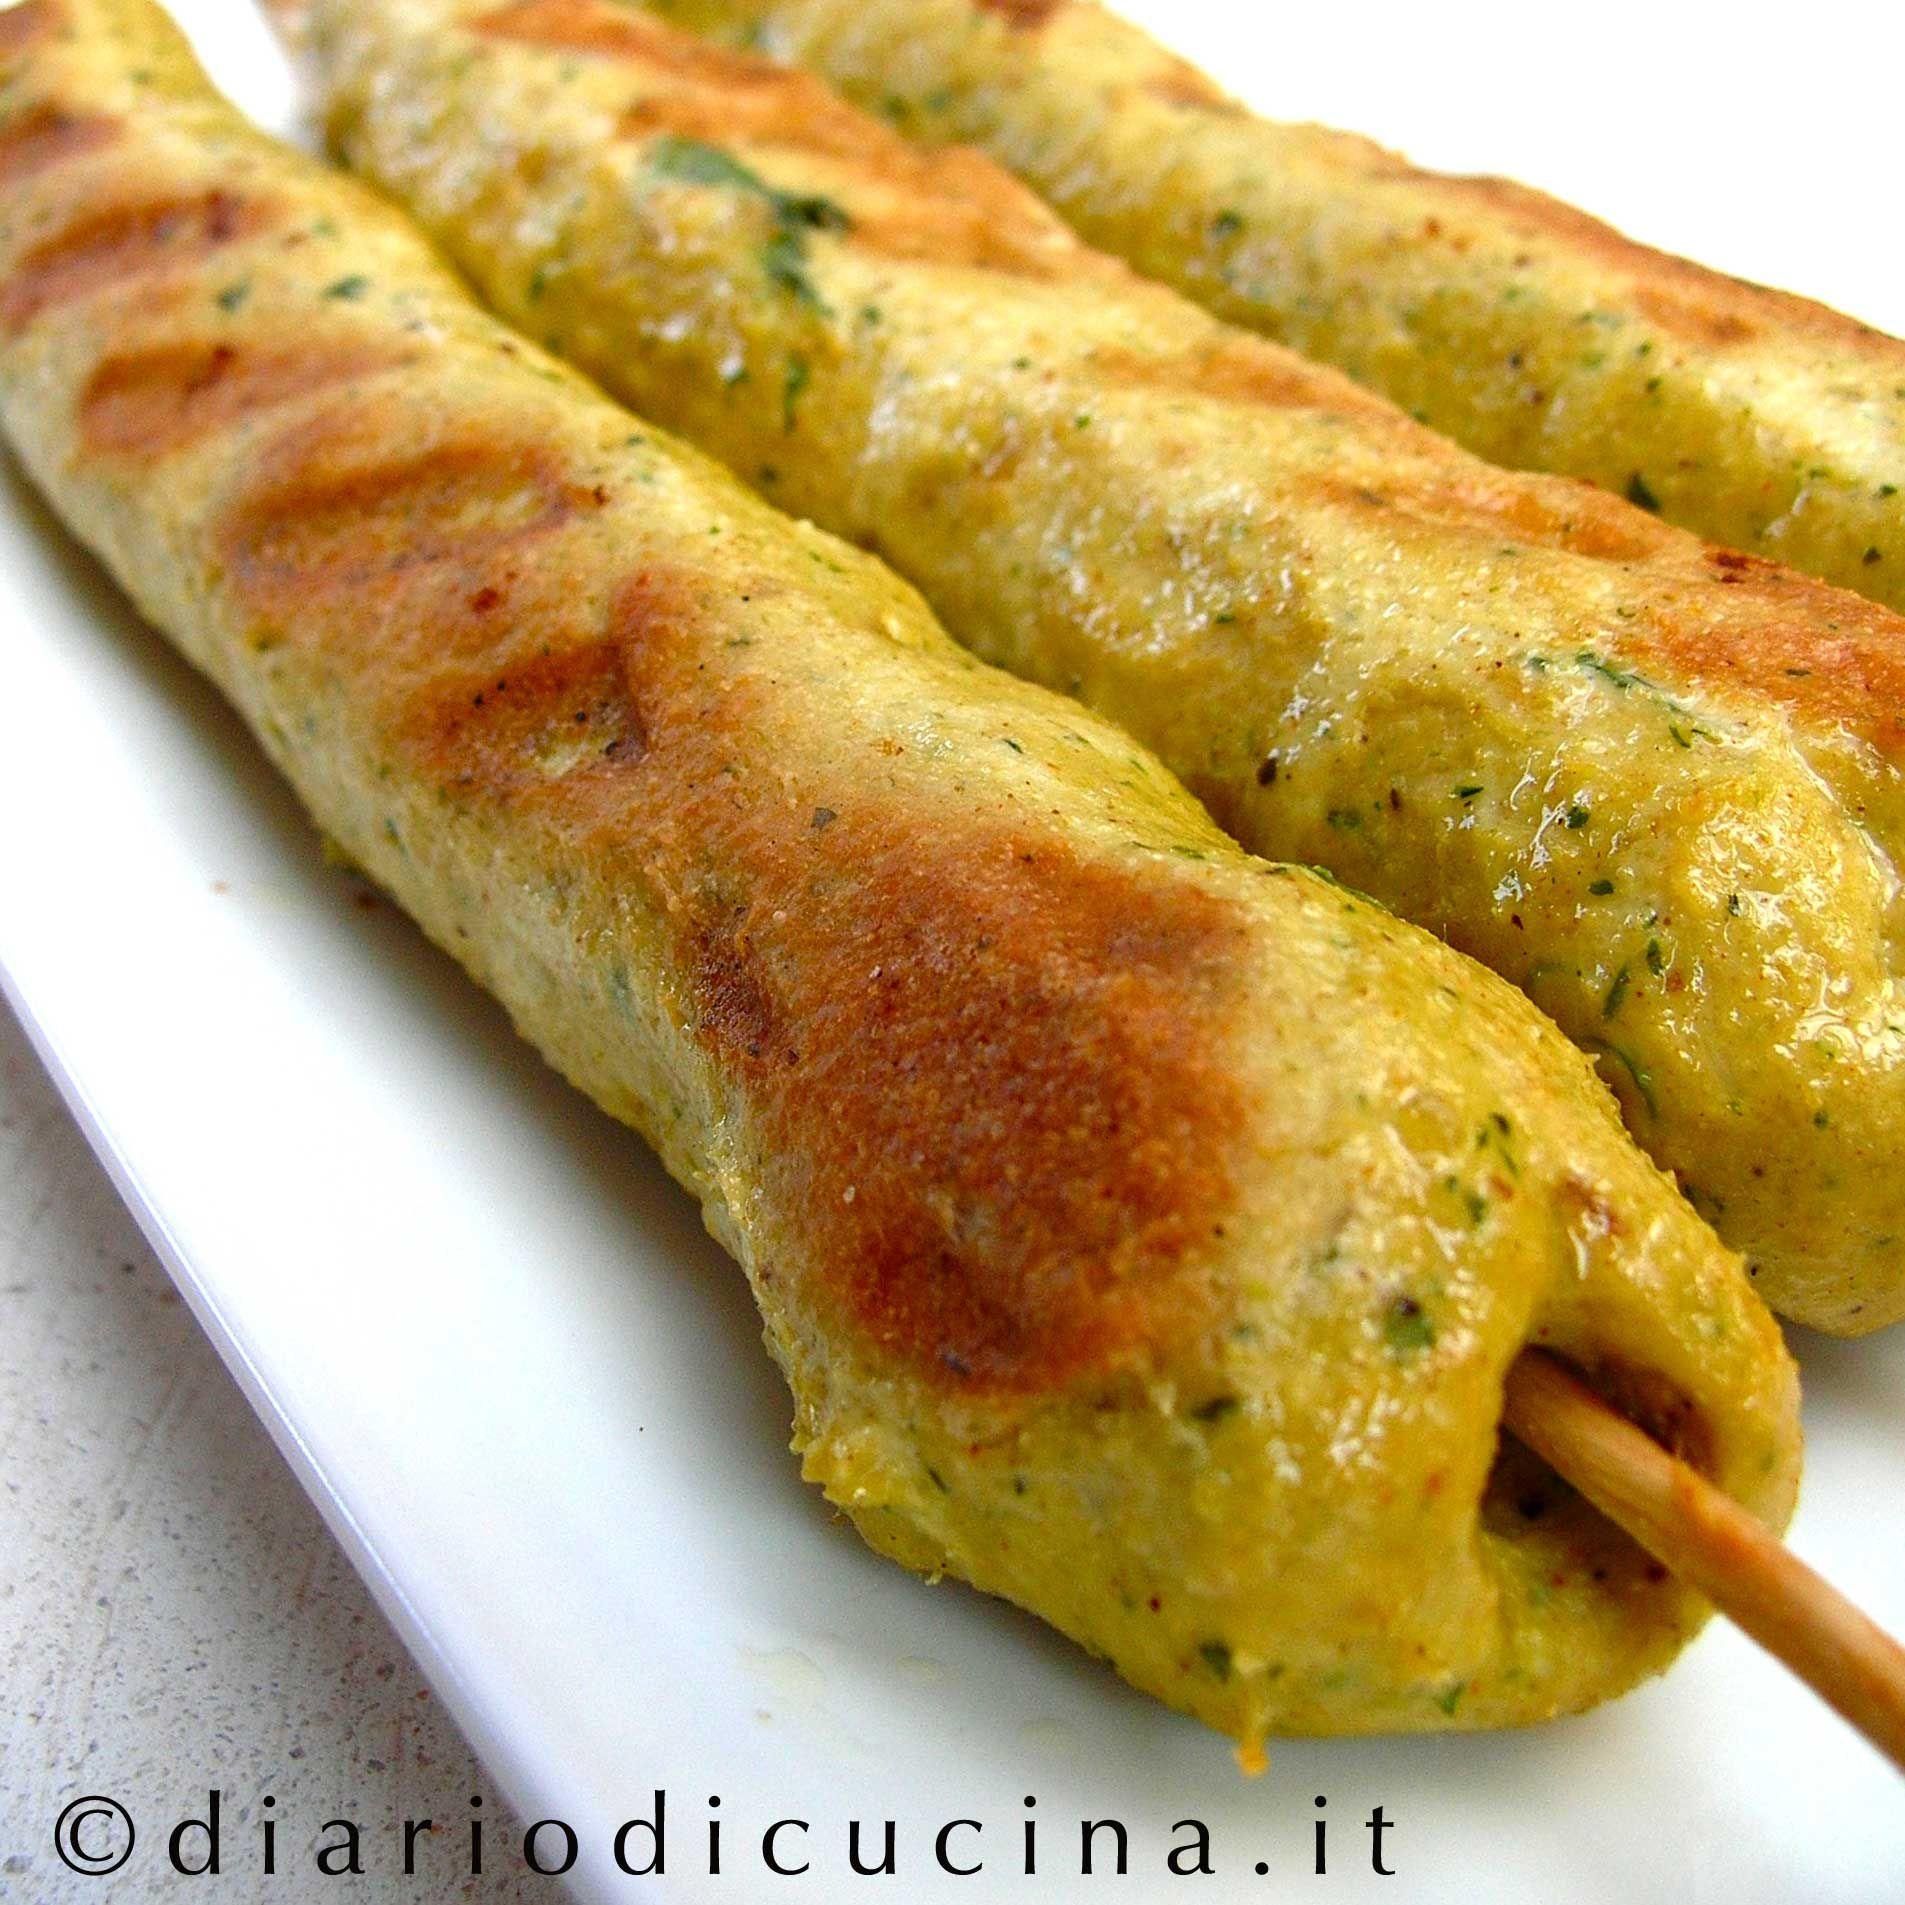 Ricetta Di Kebab Al Forno.Kebab Di Pollo All Indiana Diario Di Cucina Expat Mamma In Francia Ricetta Ricette Kebab Kebab Cibi Indiani